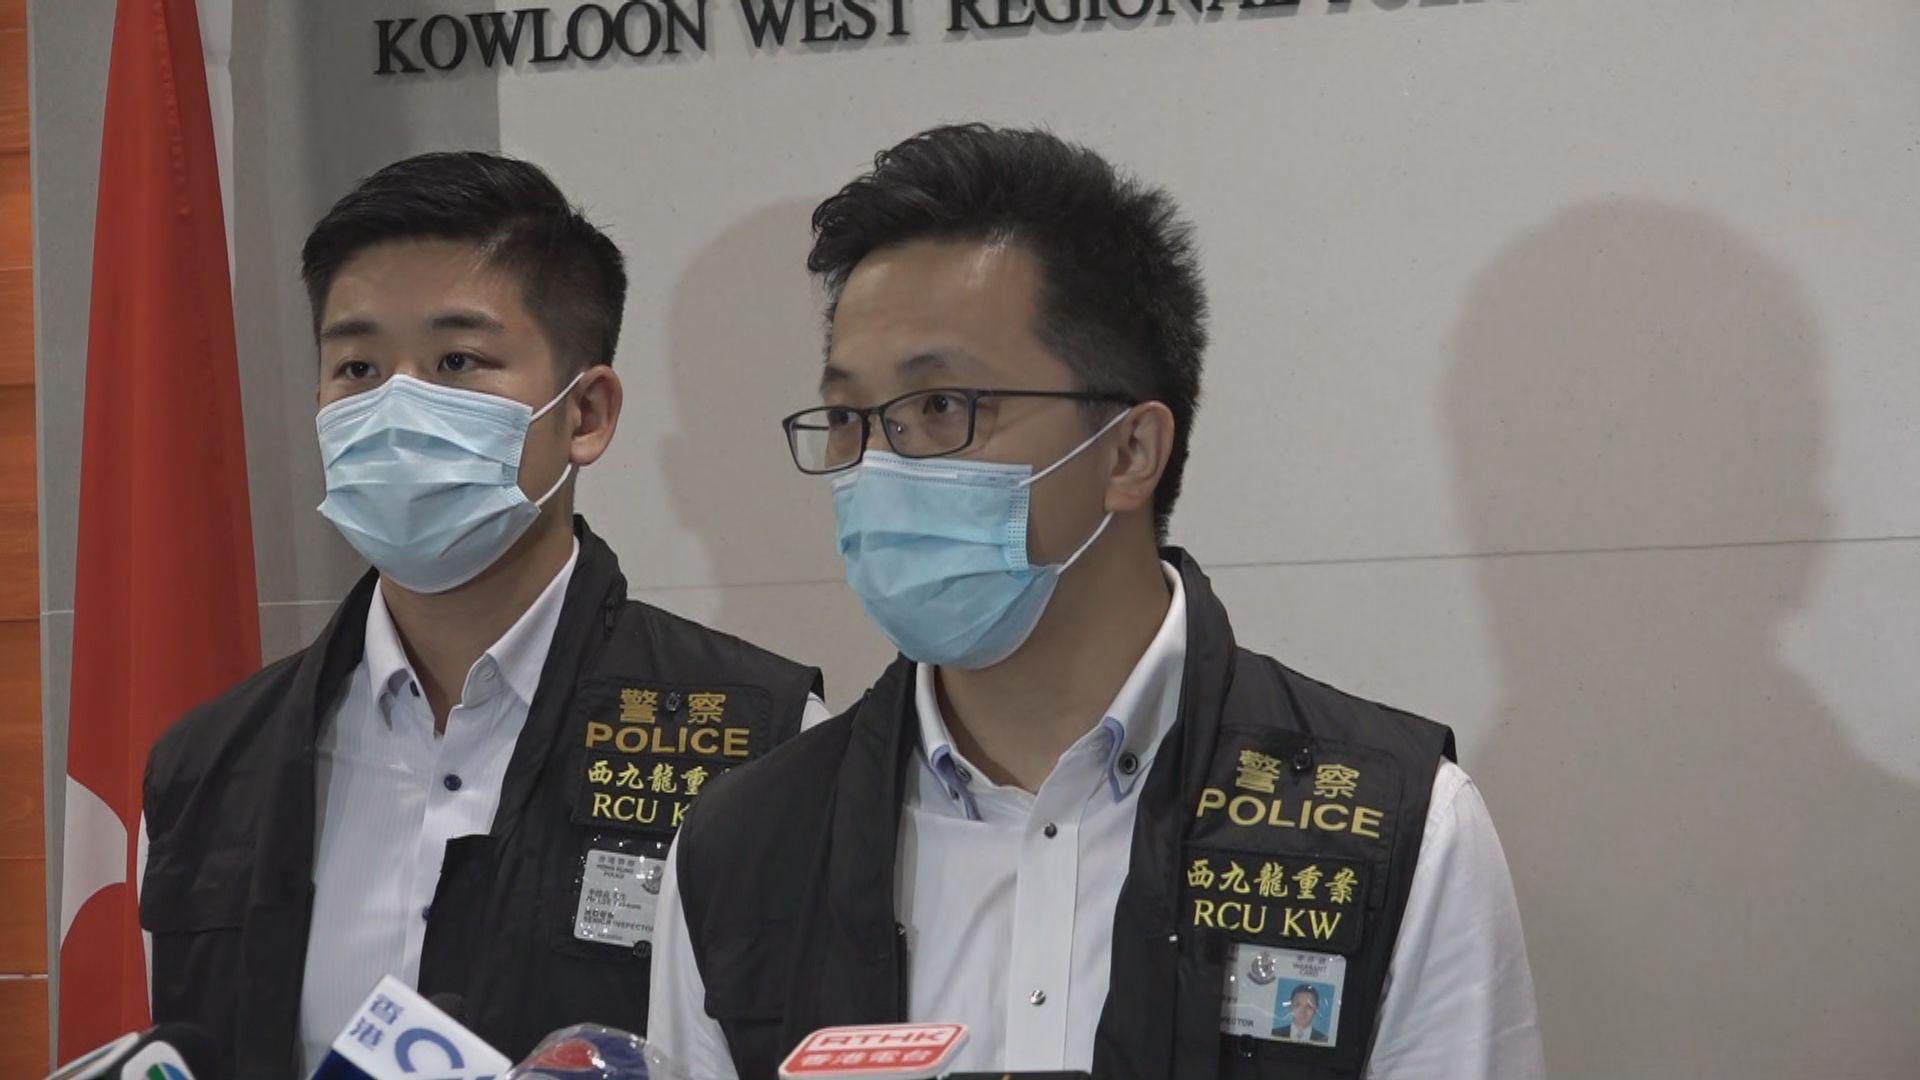 學生及救護員涉去年旺角傷人被捕